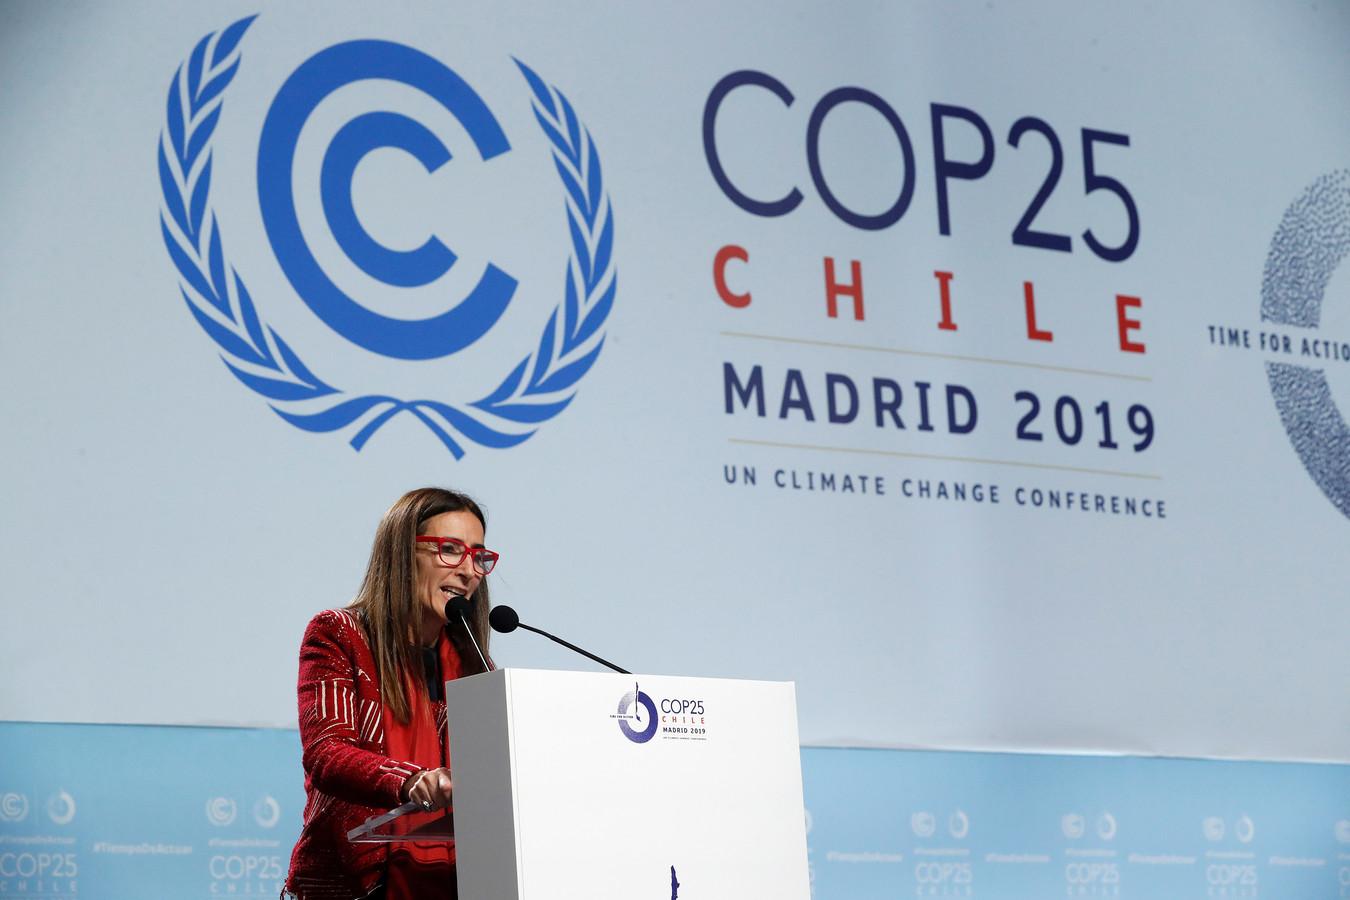 Carolina Schmidt, de Chileense milieuminister en voorzitter van de VN-klimaattop in Madrid besluit de conferentie in mineur.